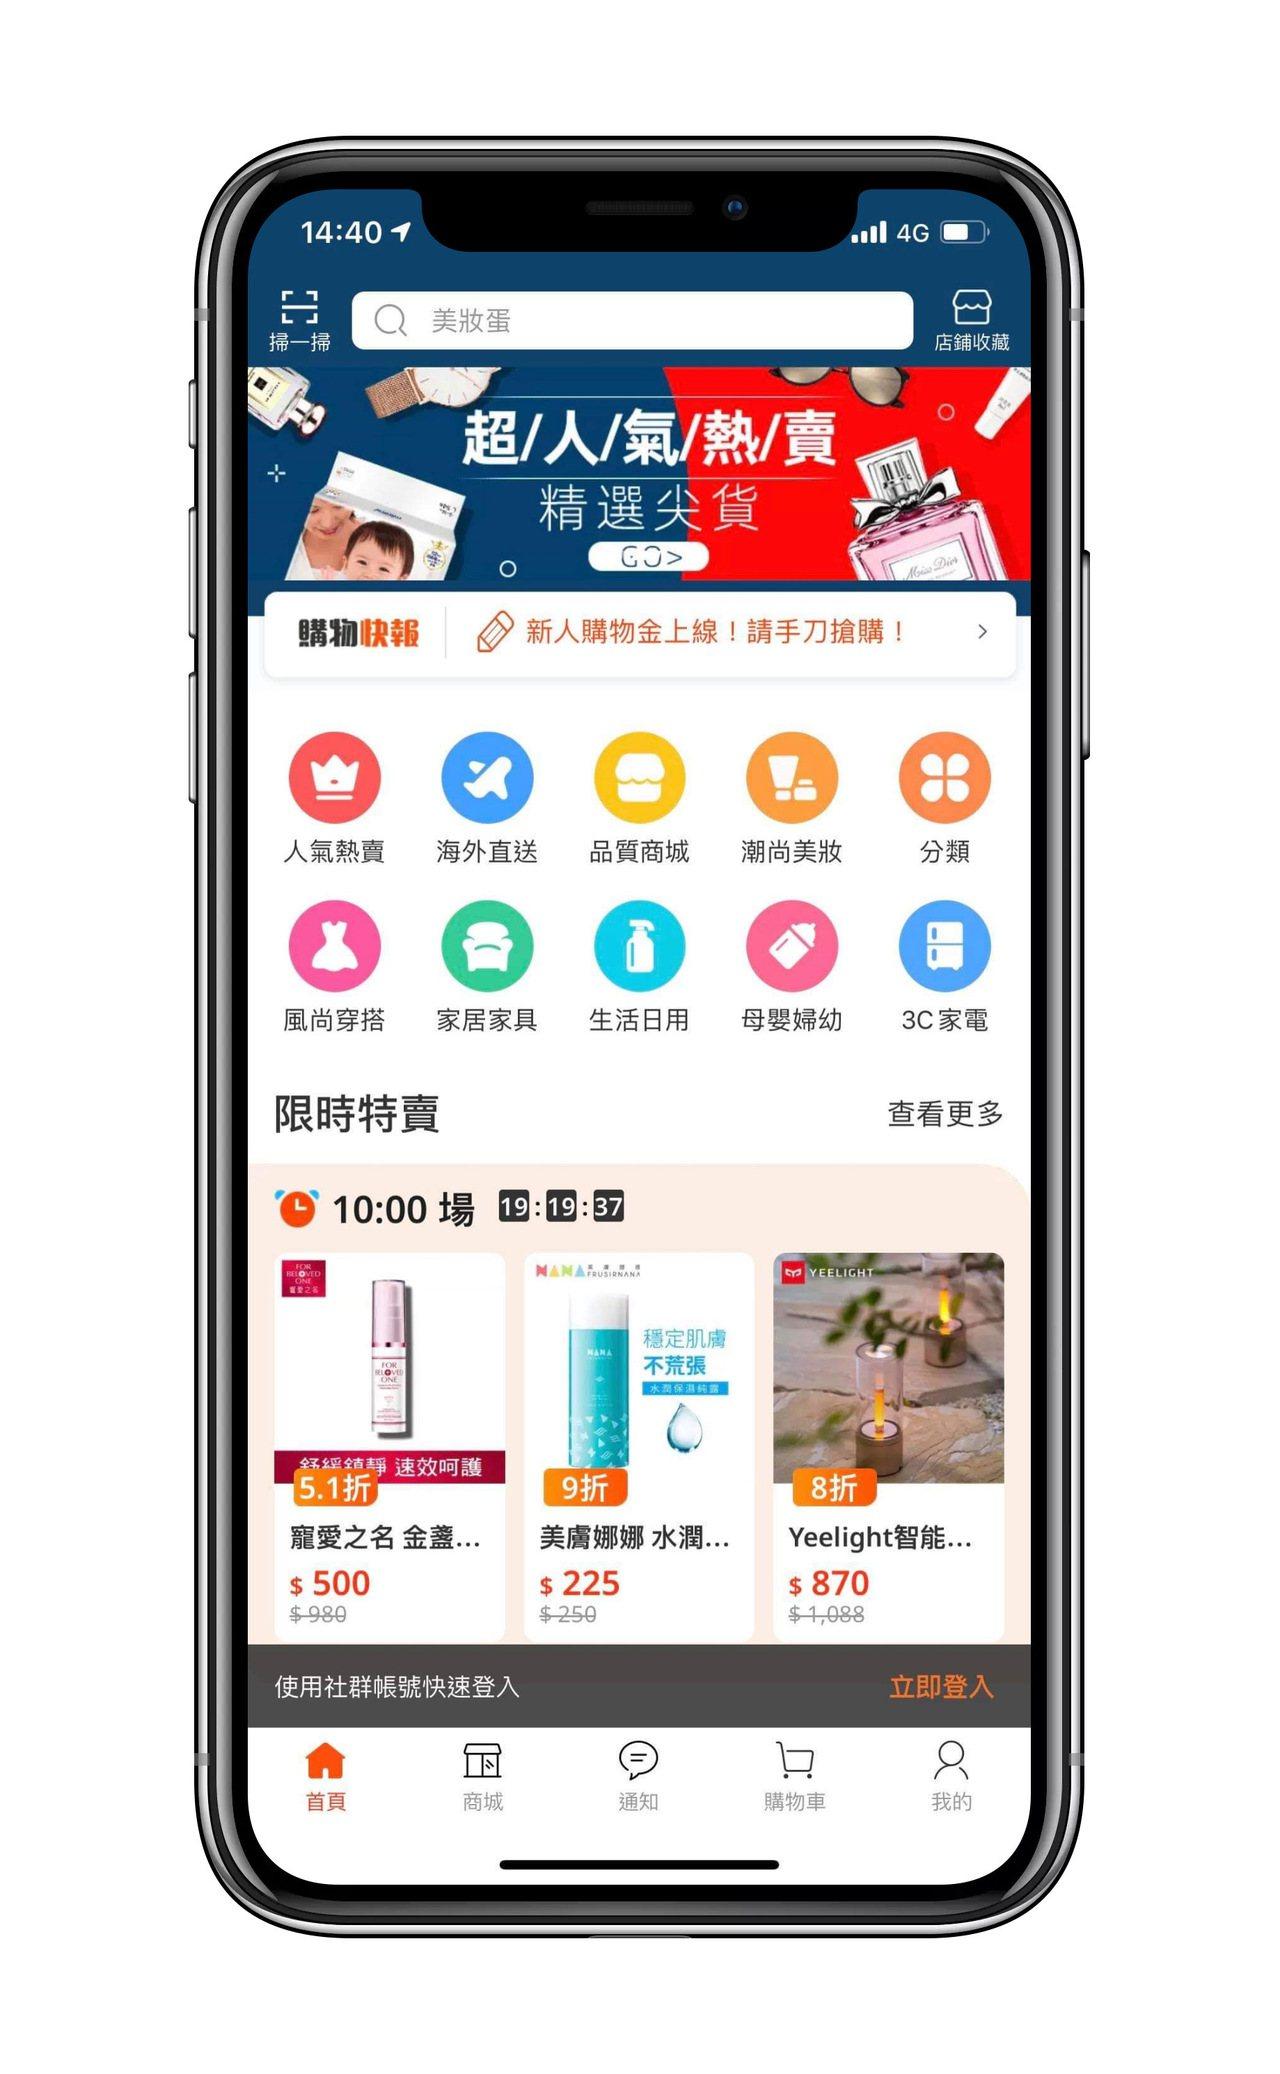 淘寶台灣App採用繁體中文介面,提供台灣消費者習慣的付款、物流方式,以及交易流程...